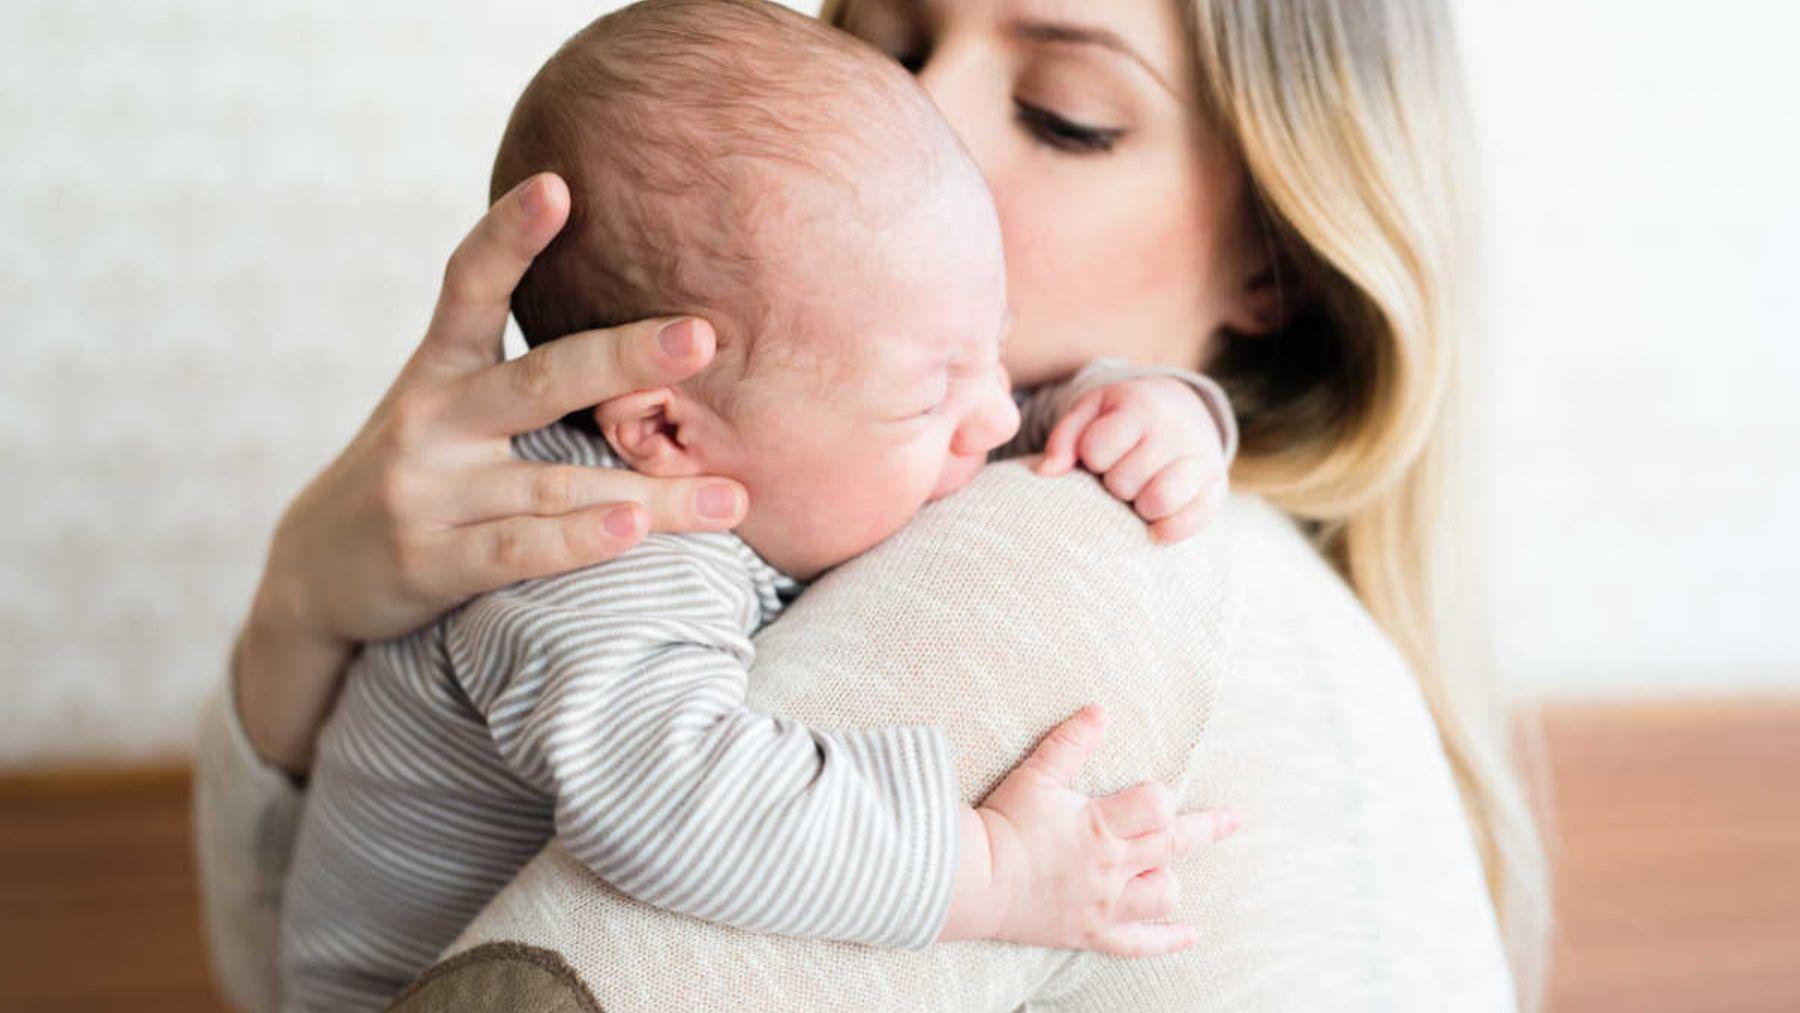 Descubre las razones y qué hacer si el bebé llora al tomar el pecho